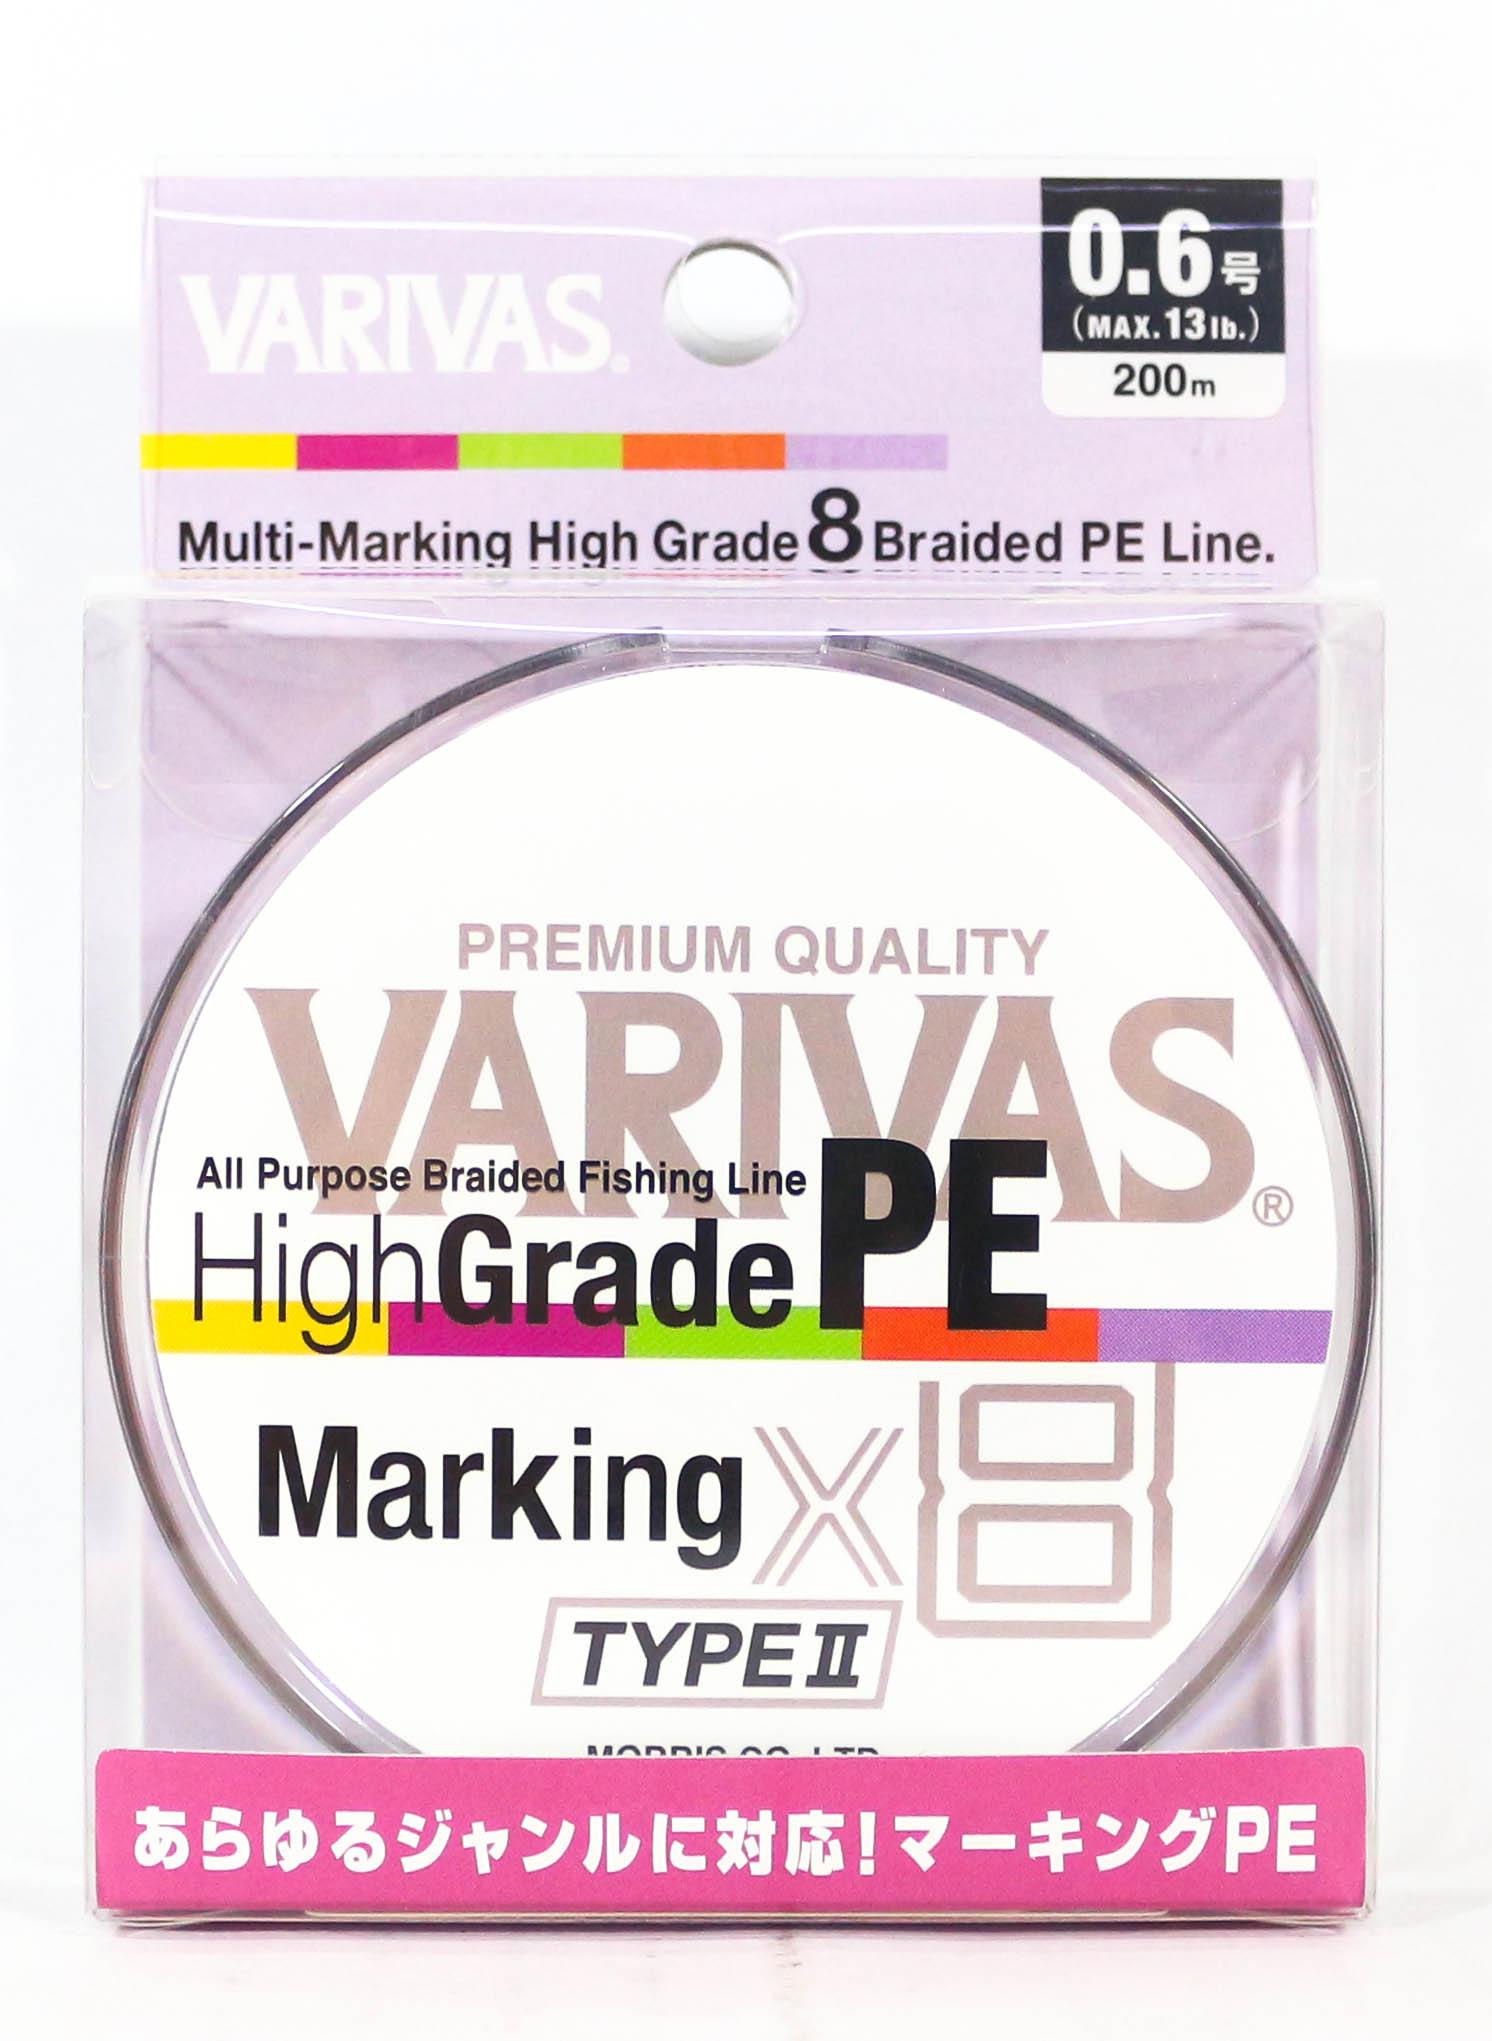 4489 Varivas P.E Line Eging Max Power 150m P.E 0.6 Max 14.5lb Fishing Sporting Goods